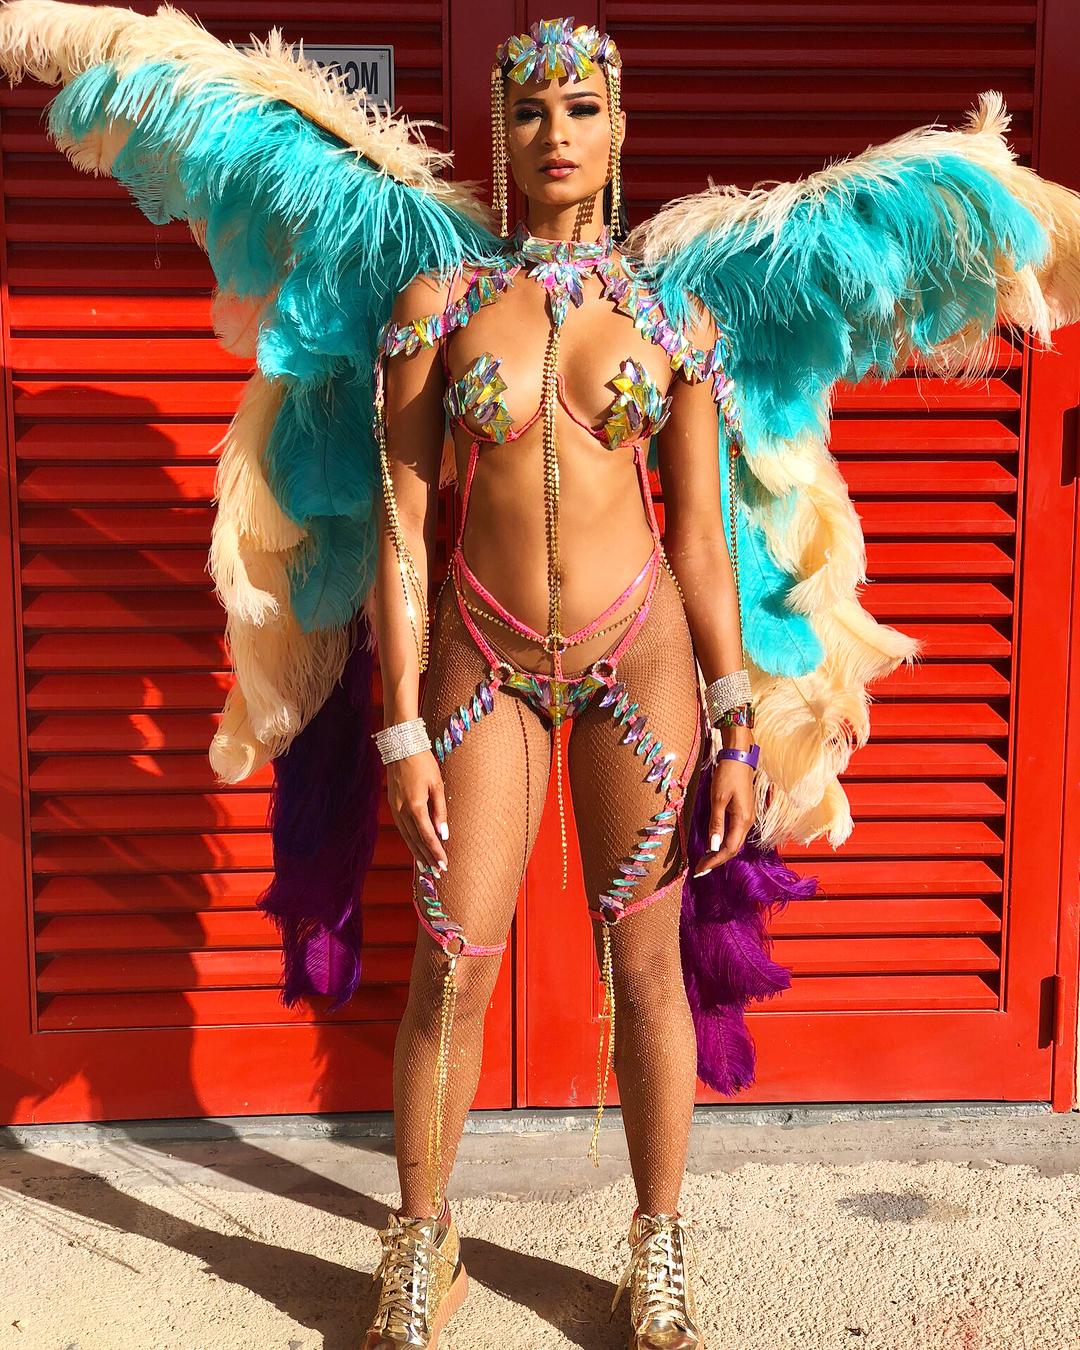 blazing-hot-costumes-trinidad-tobago-carnival-see-nigerias-dj-cuppy-looking-sizzling-hot